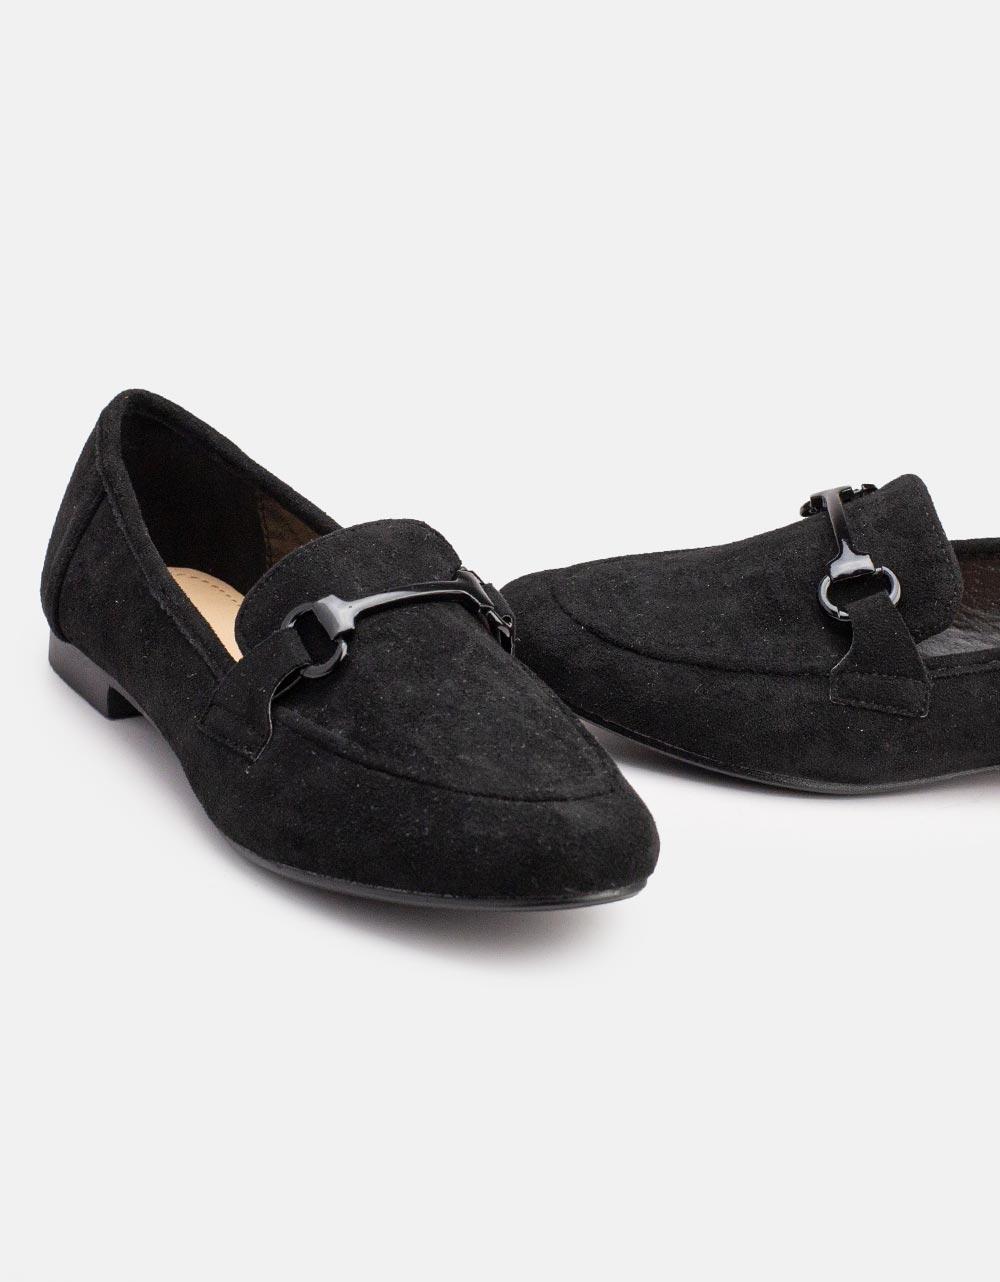 Εικόνα από Γυναικεία loafers suede με διακοσμητική αγκράφα Μαύρο